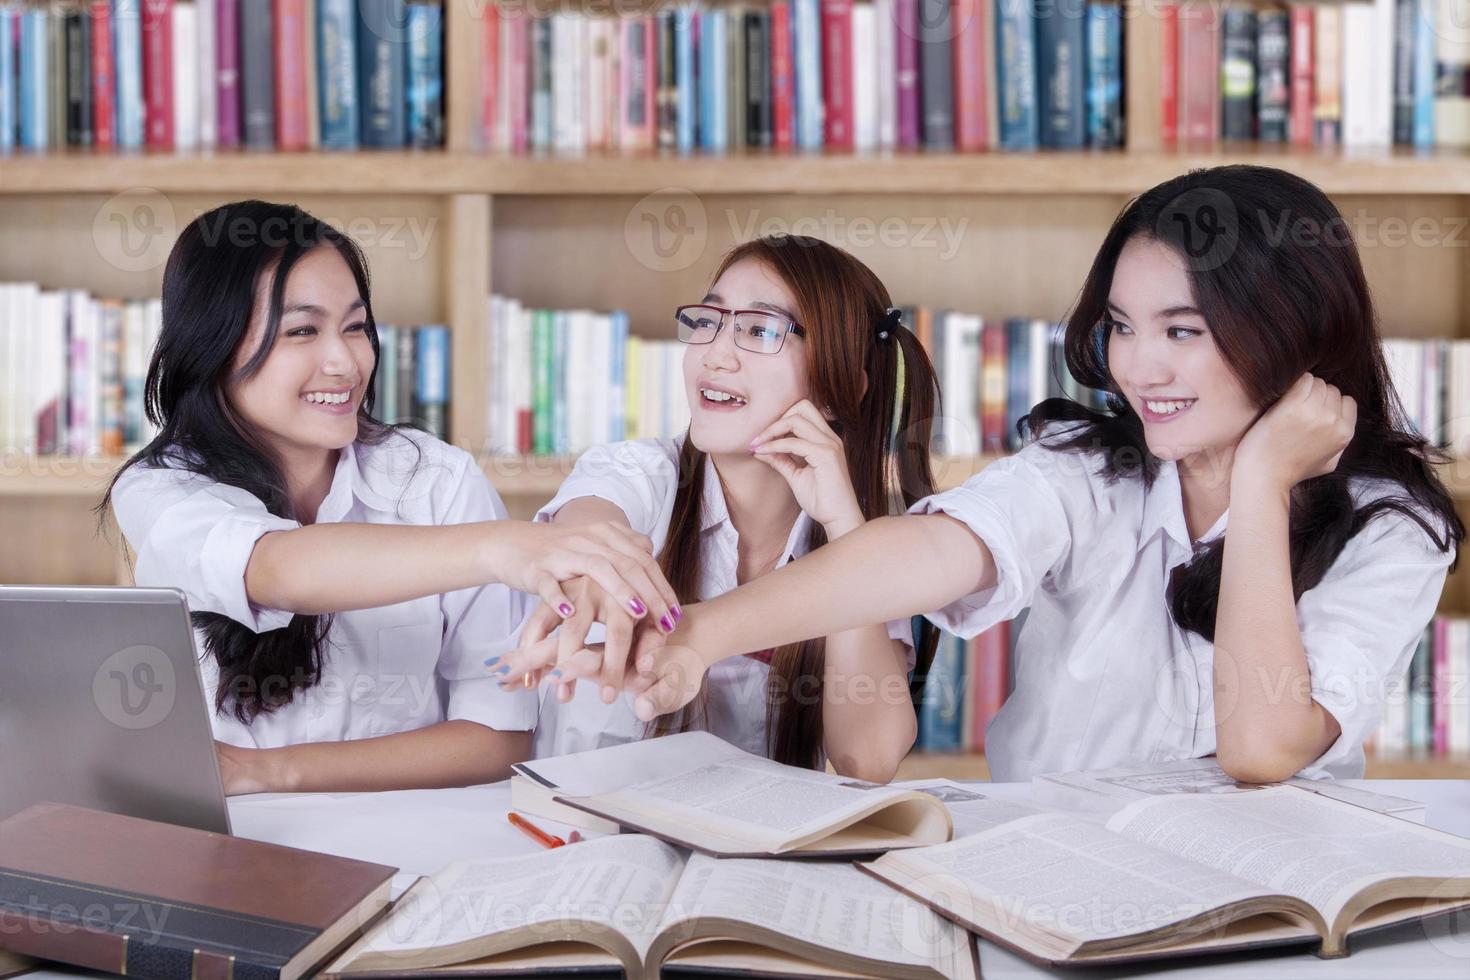 les étudiants s'entassent les mains dans la bibliothèque photo